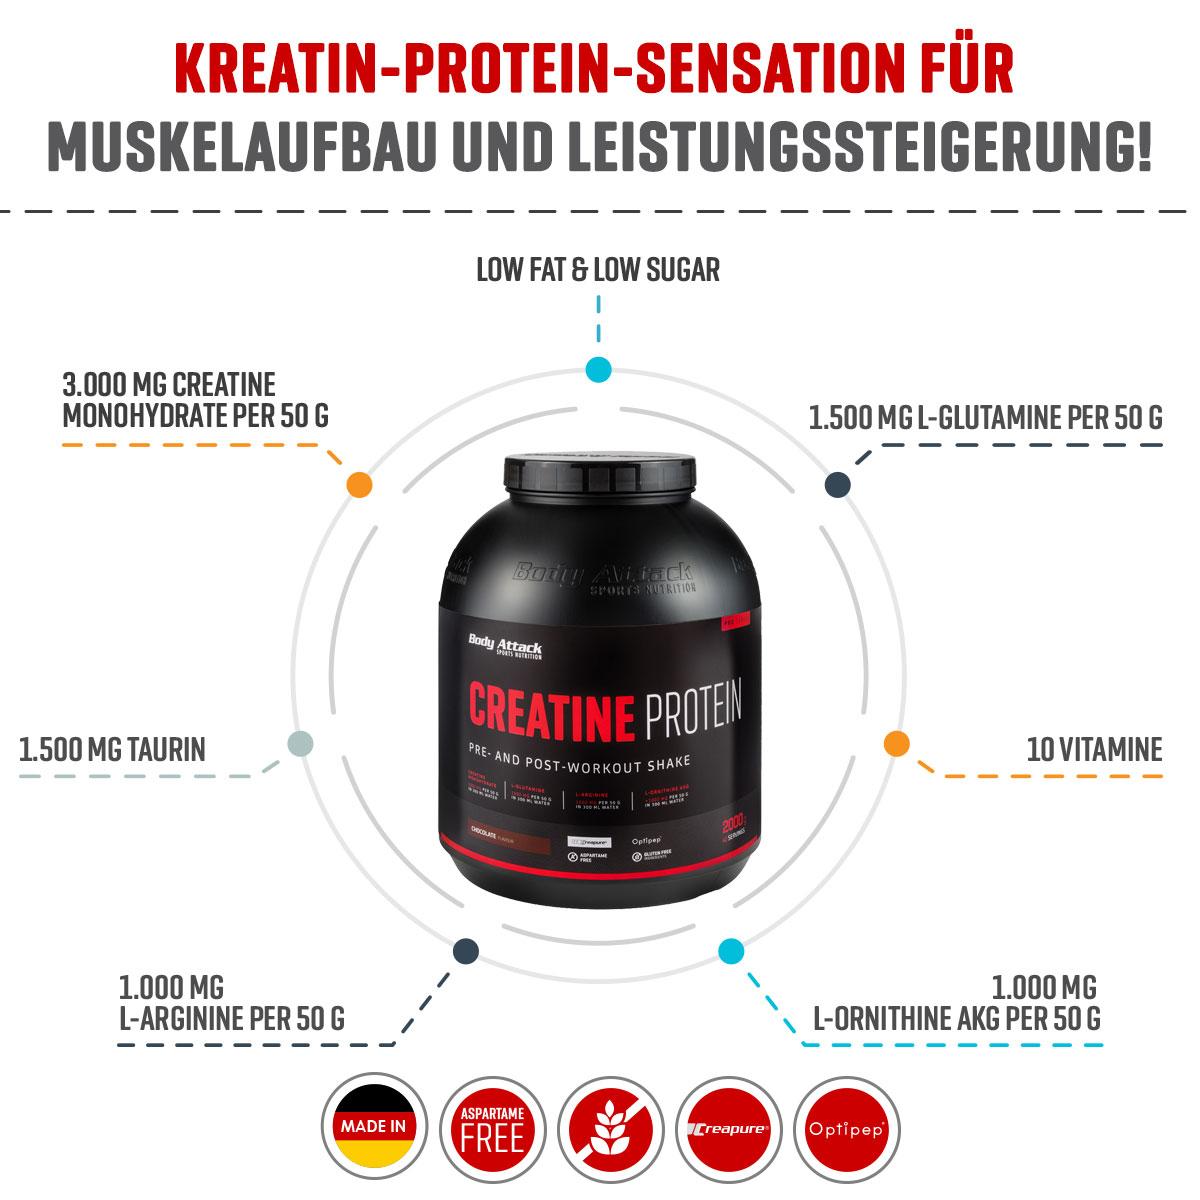 Creatine Protein Info